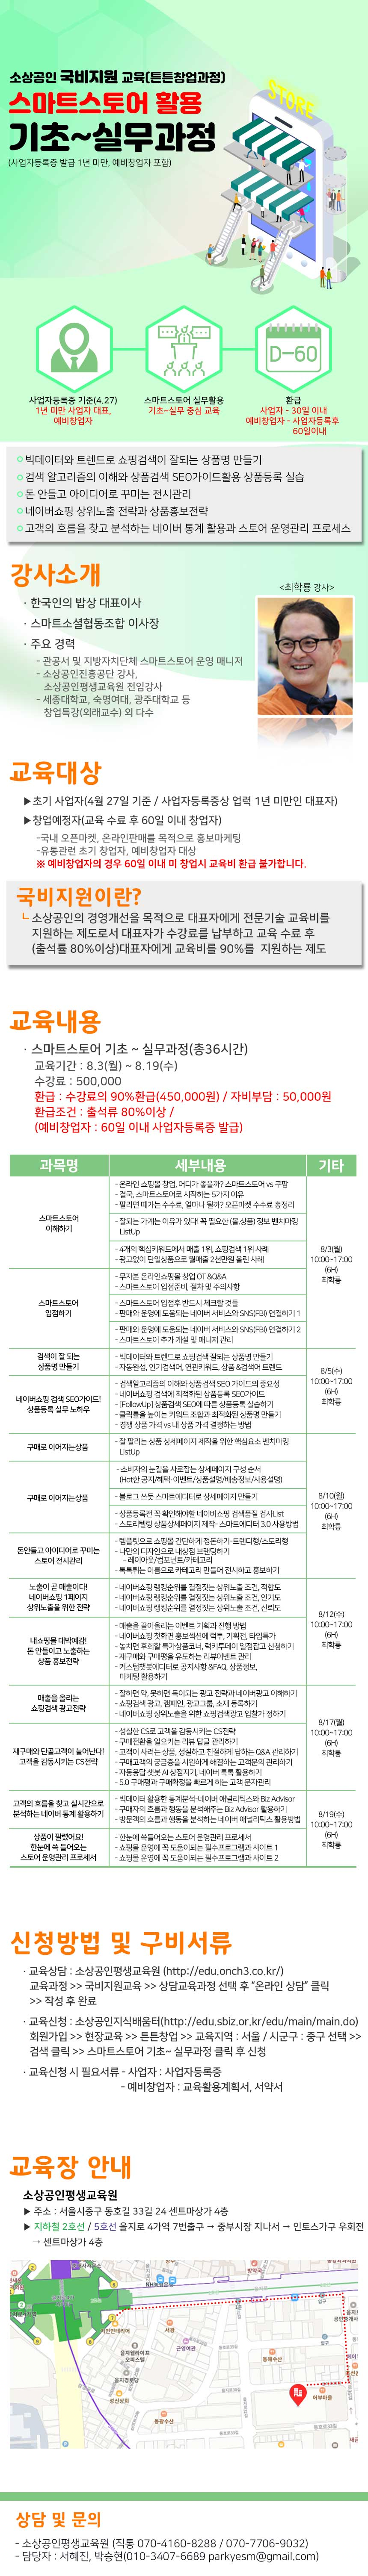 200708_튼튼창업 기초실무과정.jpg